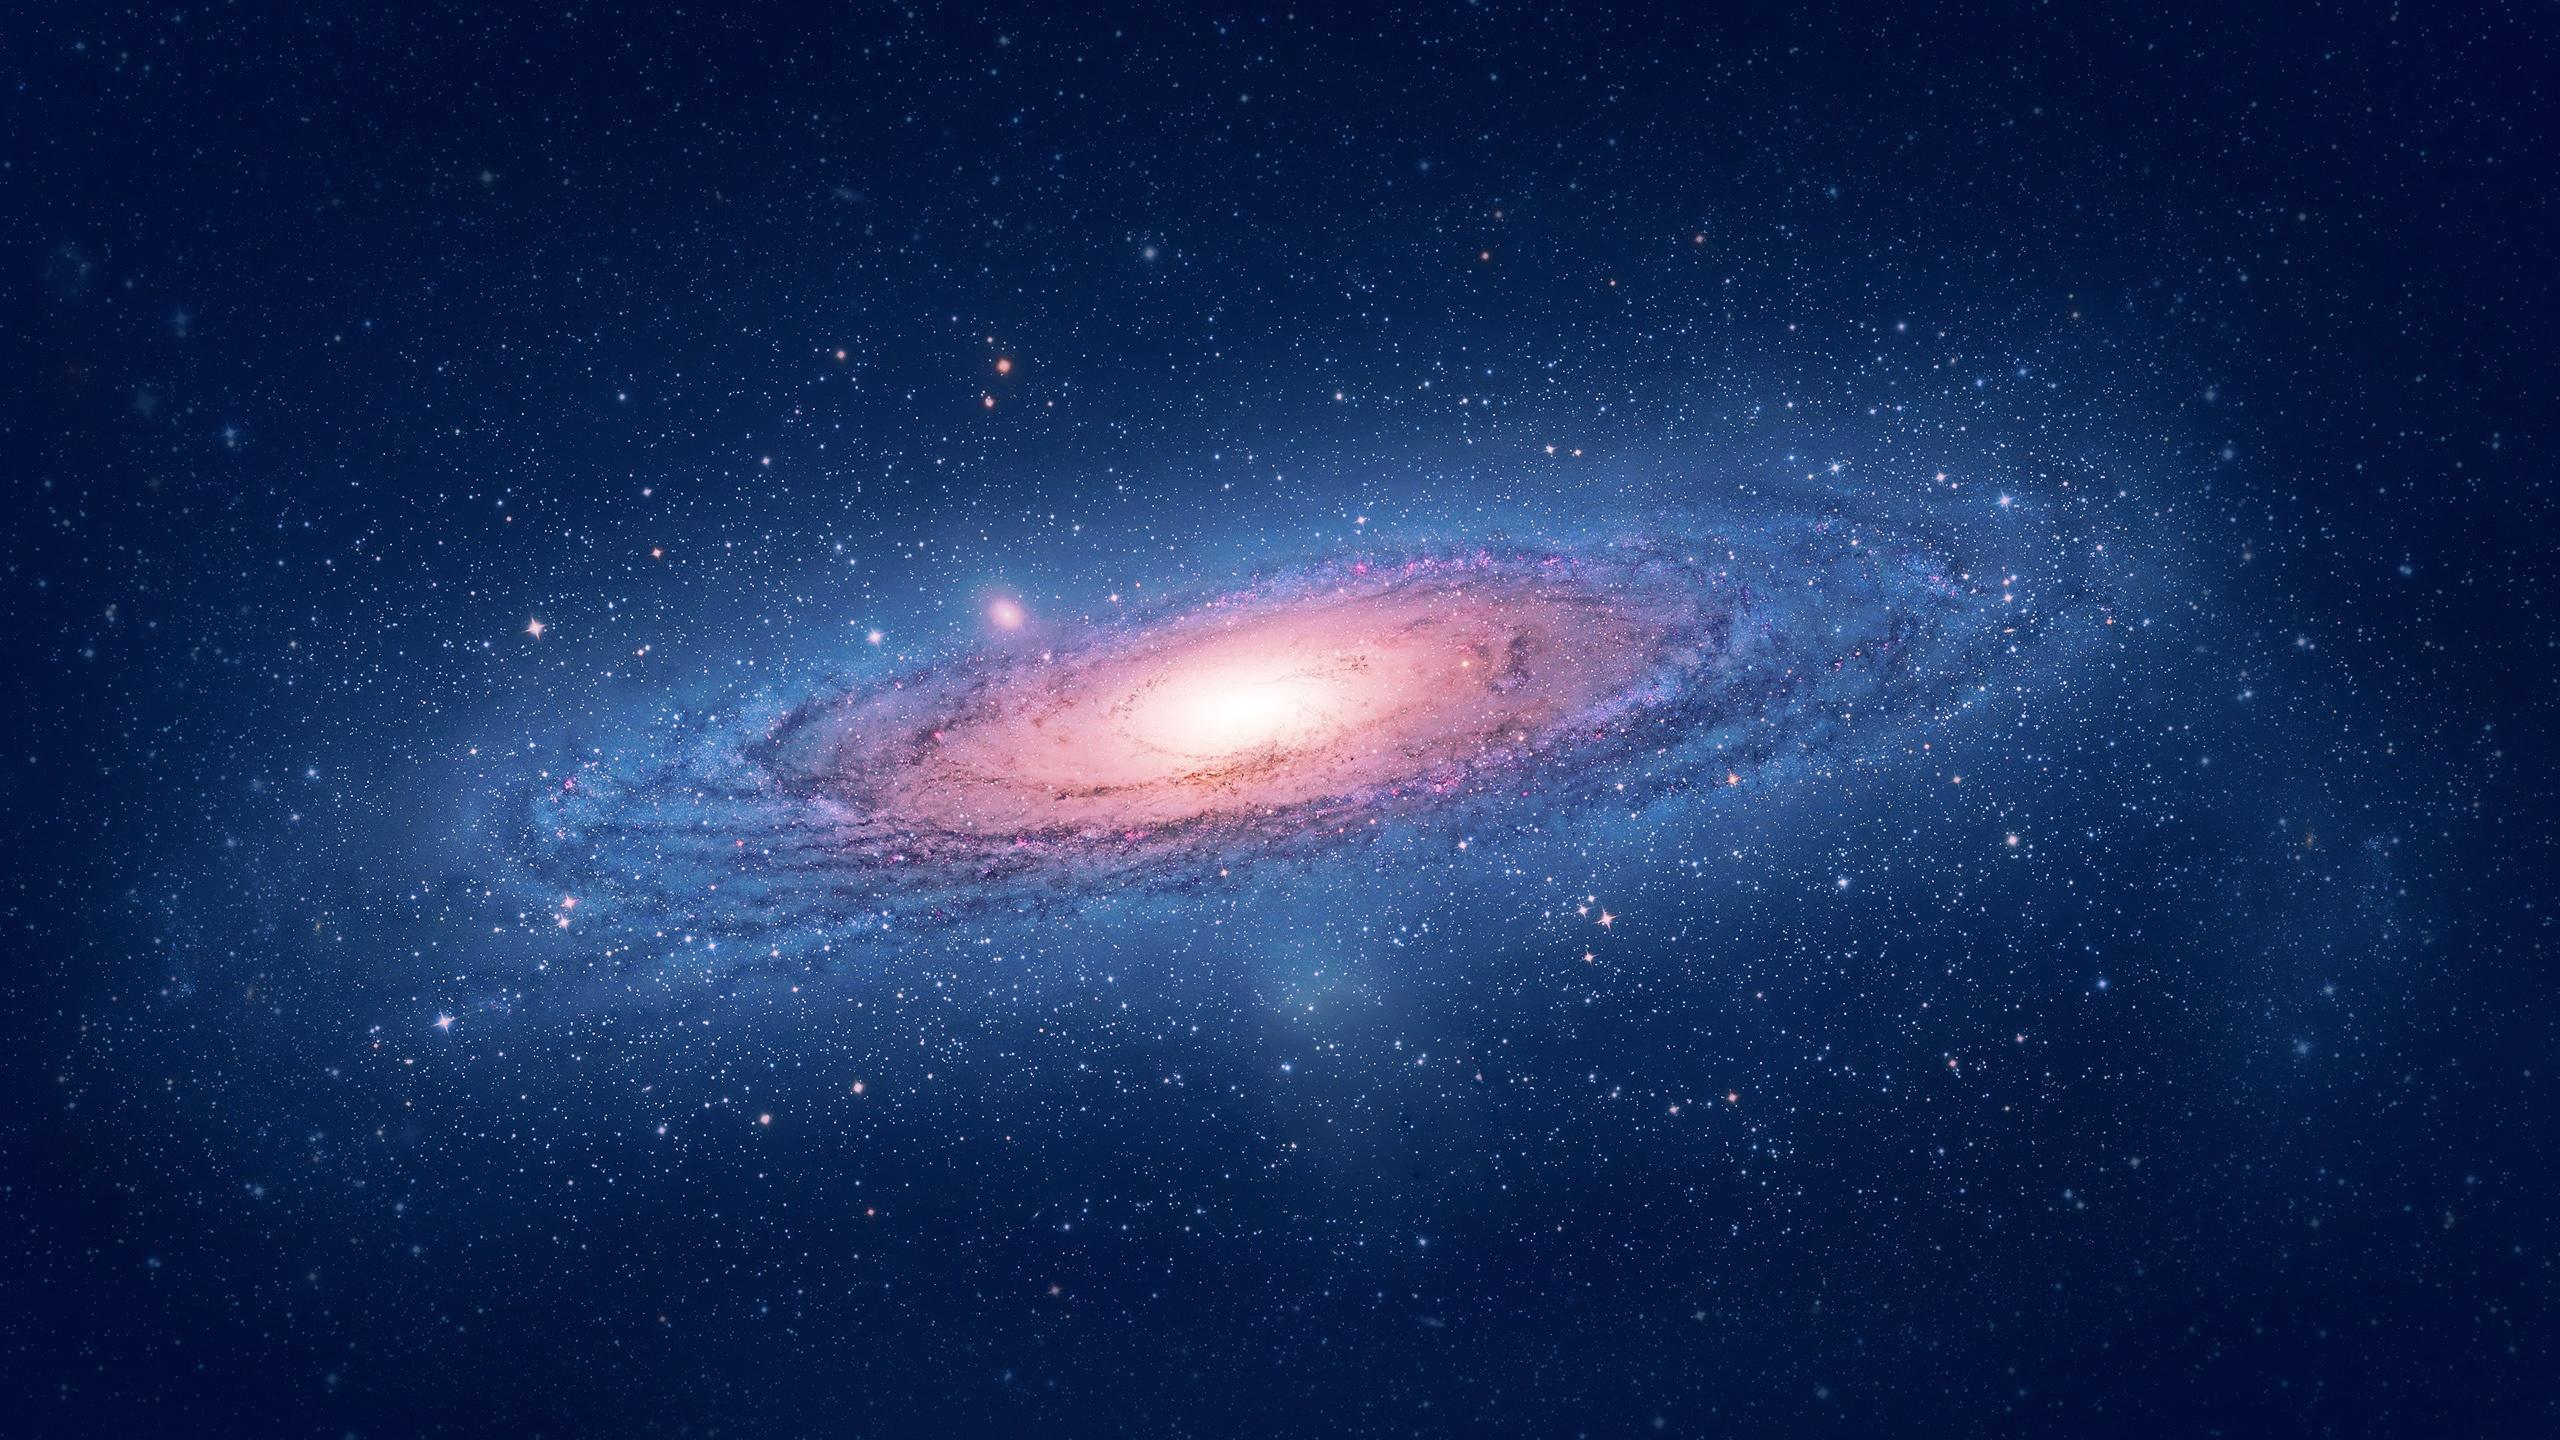 Kosmik fotolar necə hazırlanır?